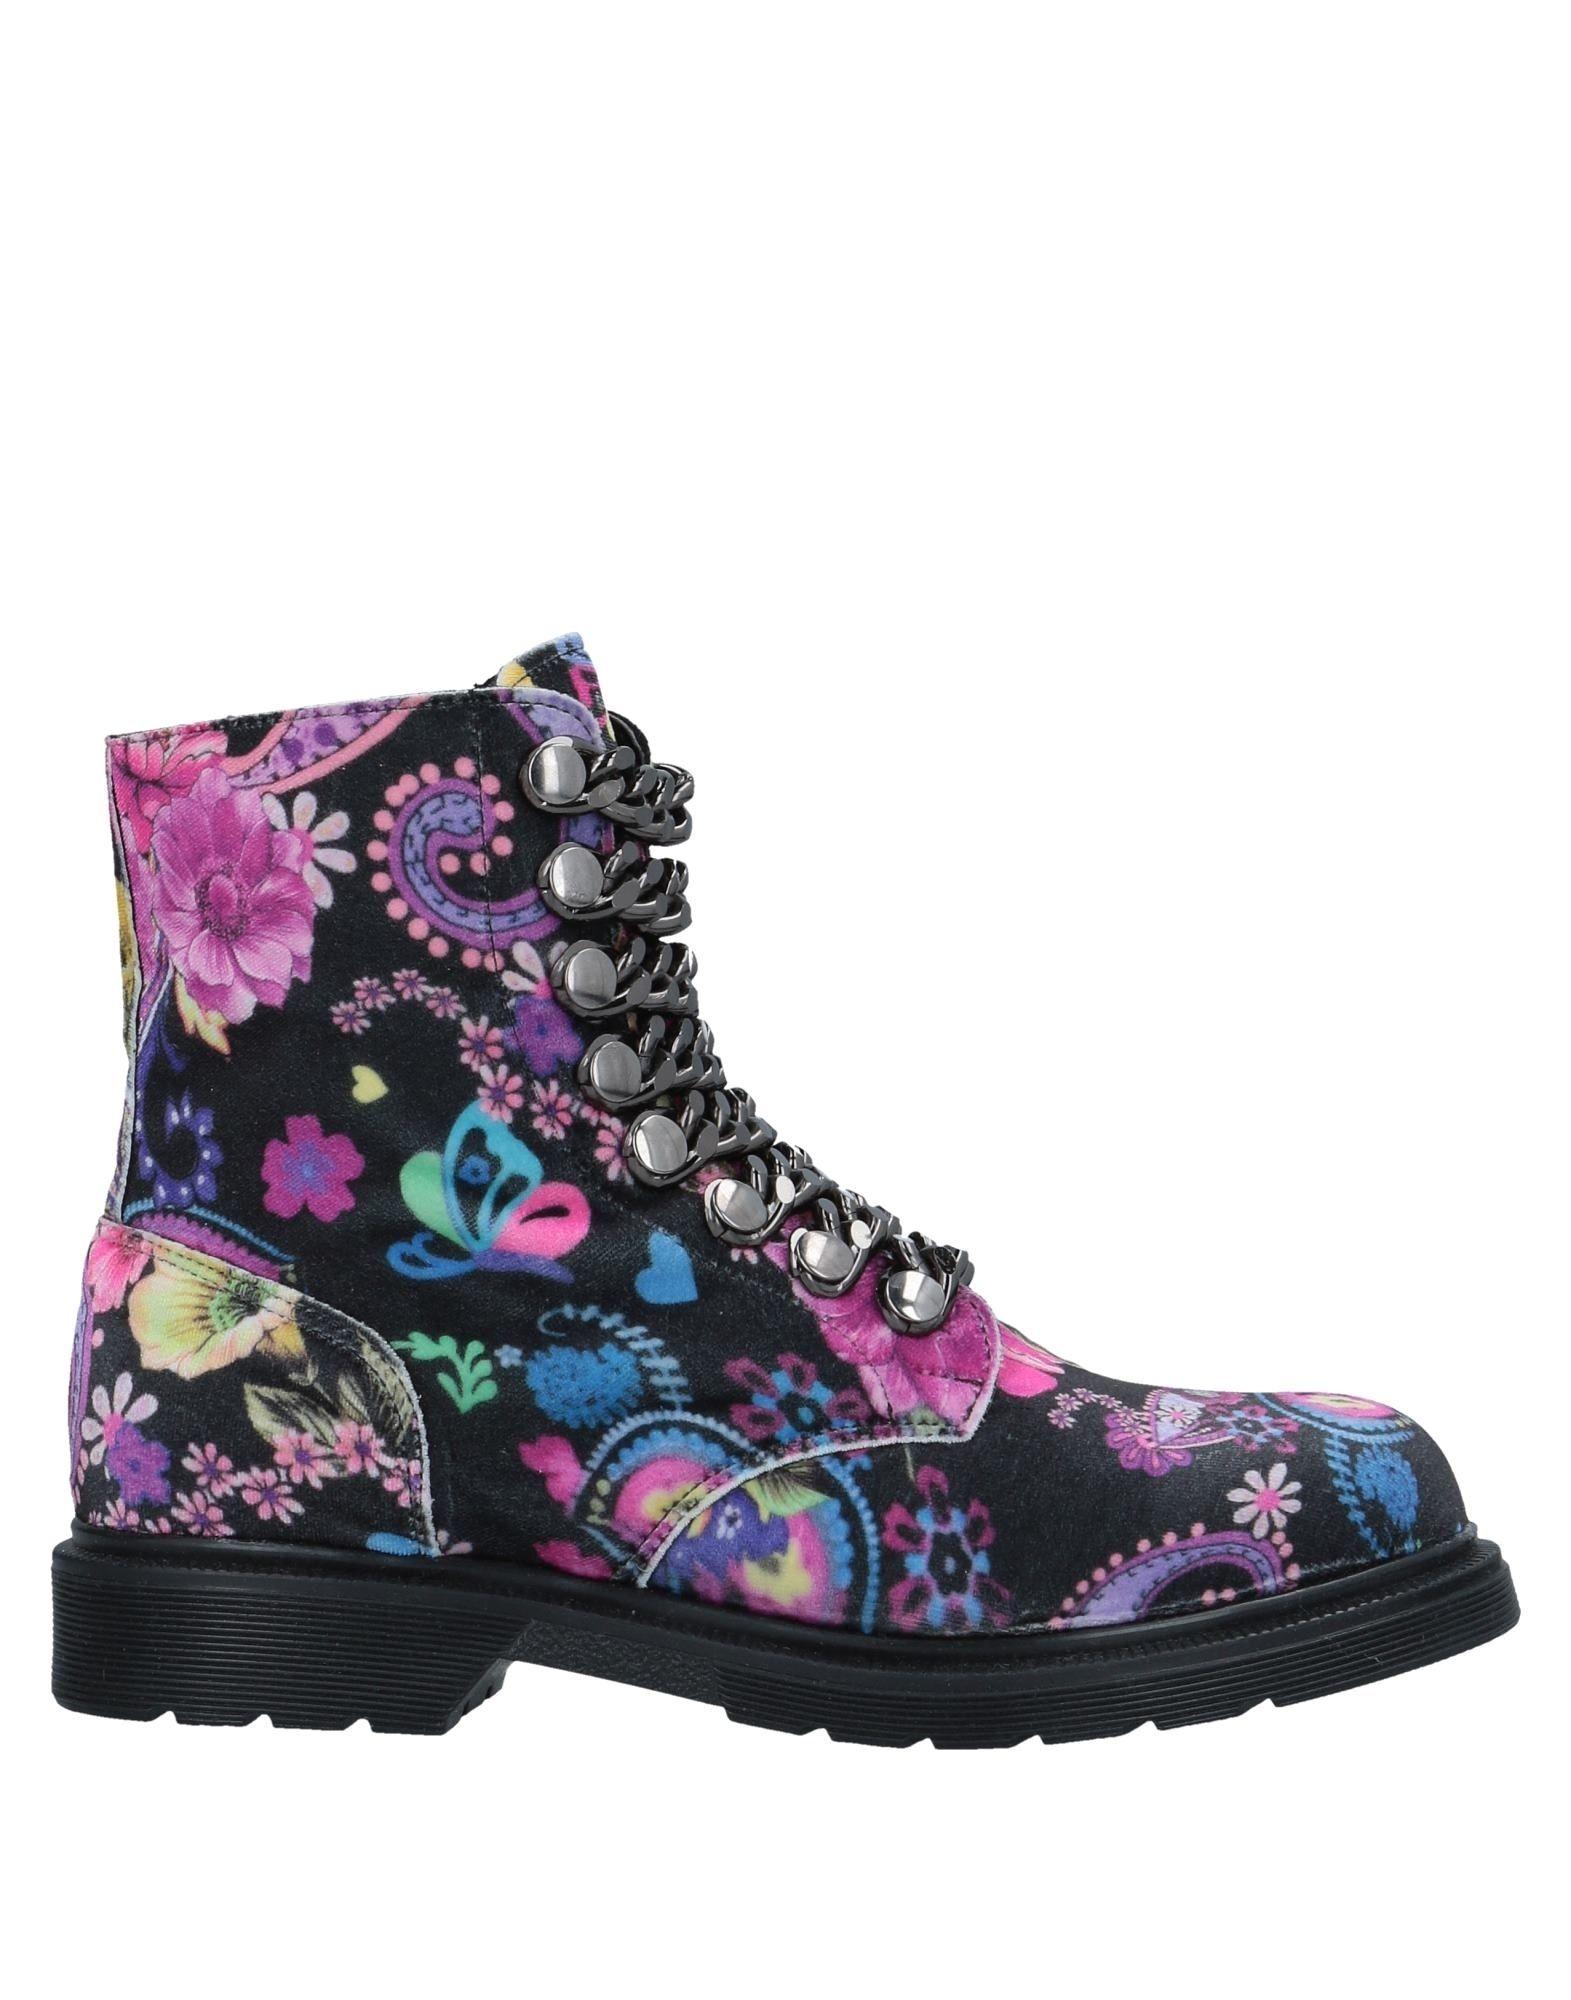 Unlace Stiefelette Damen  11522829MA Gute Qualität beliebte Schuhe